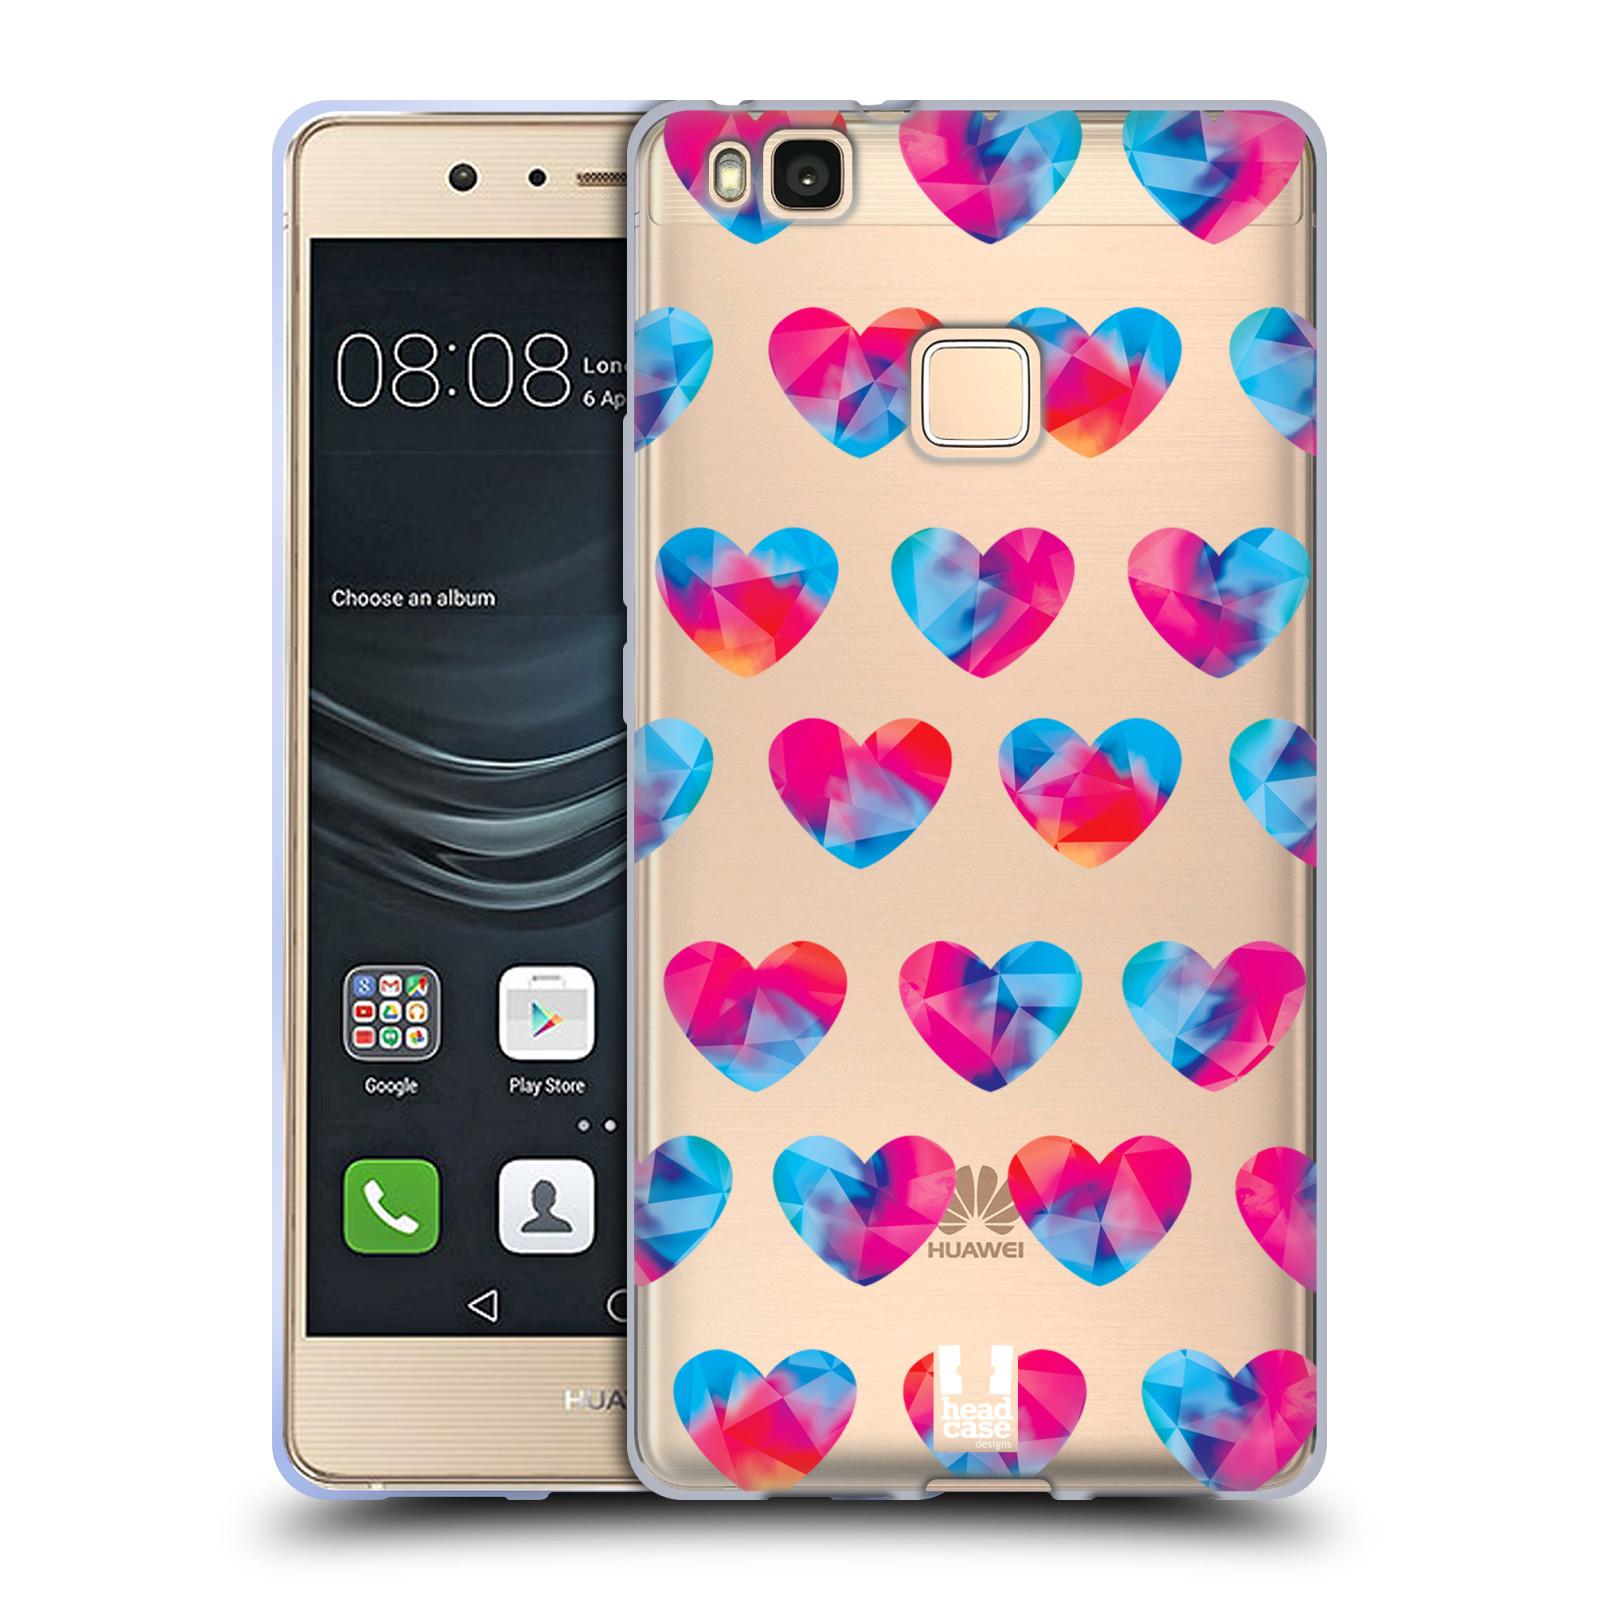 Silikonové pouzdro na mobil Huawei P9 Lite - Head Case - Srdíčka hrající barvami